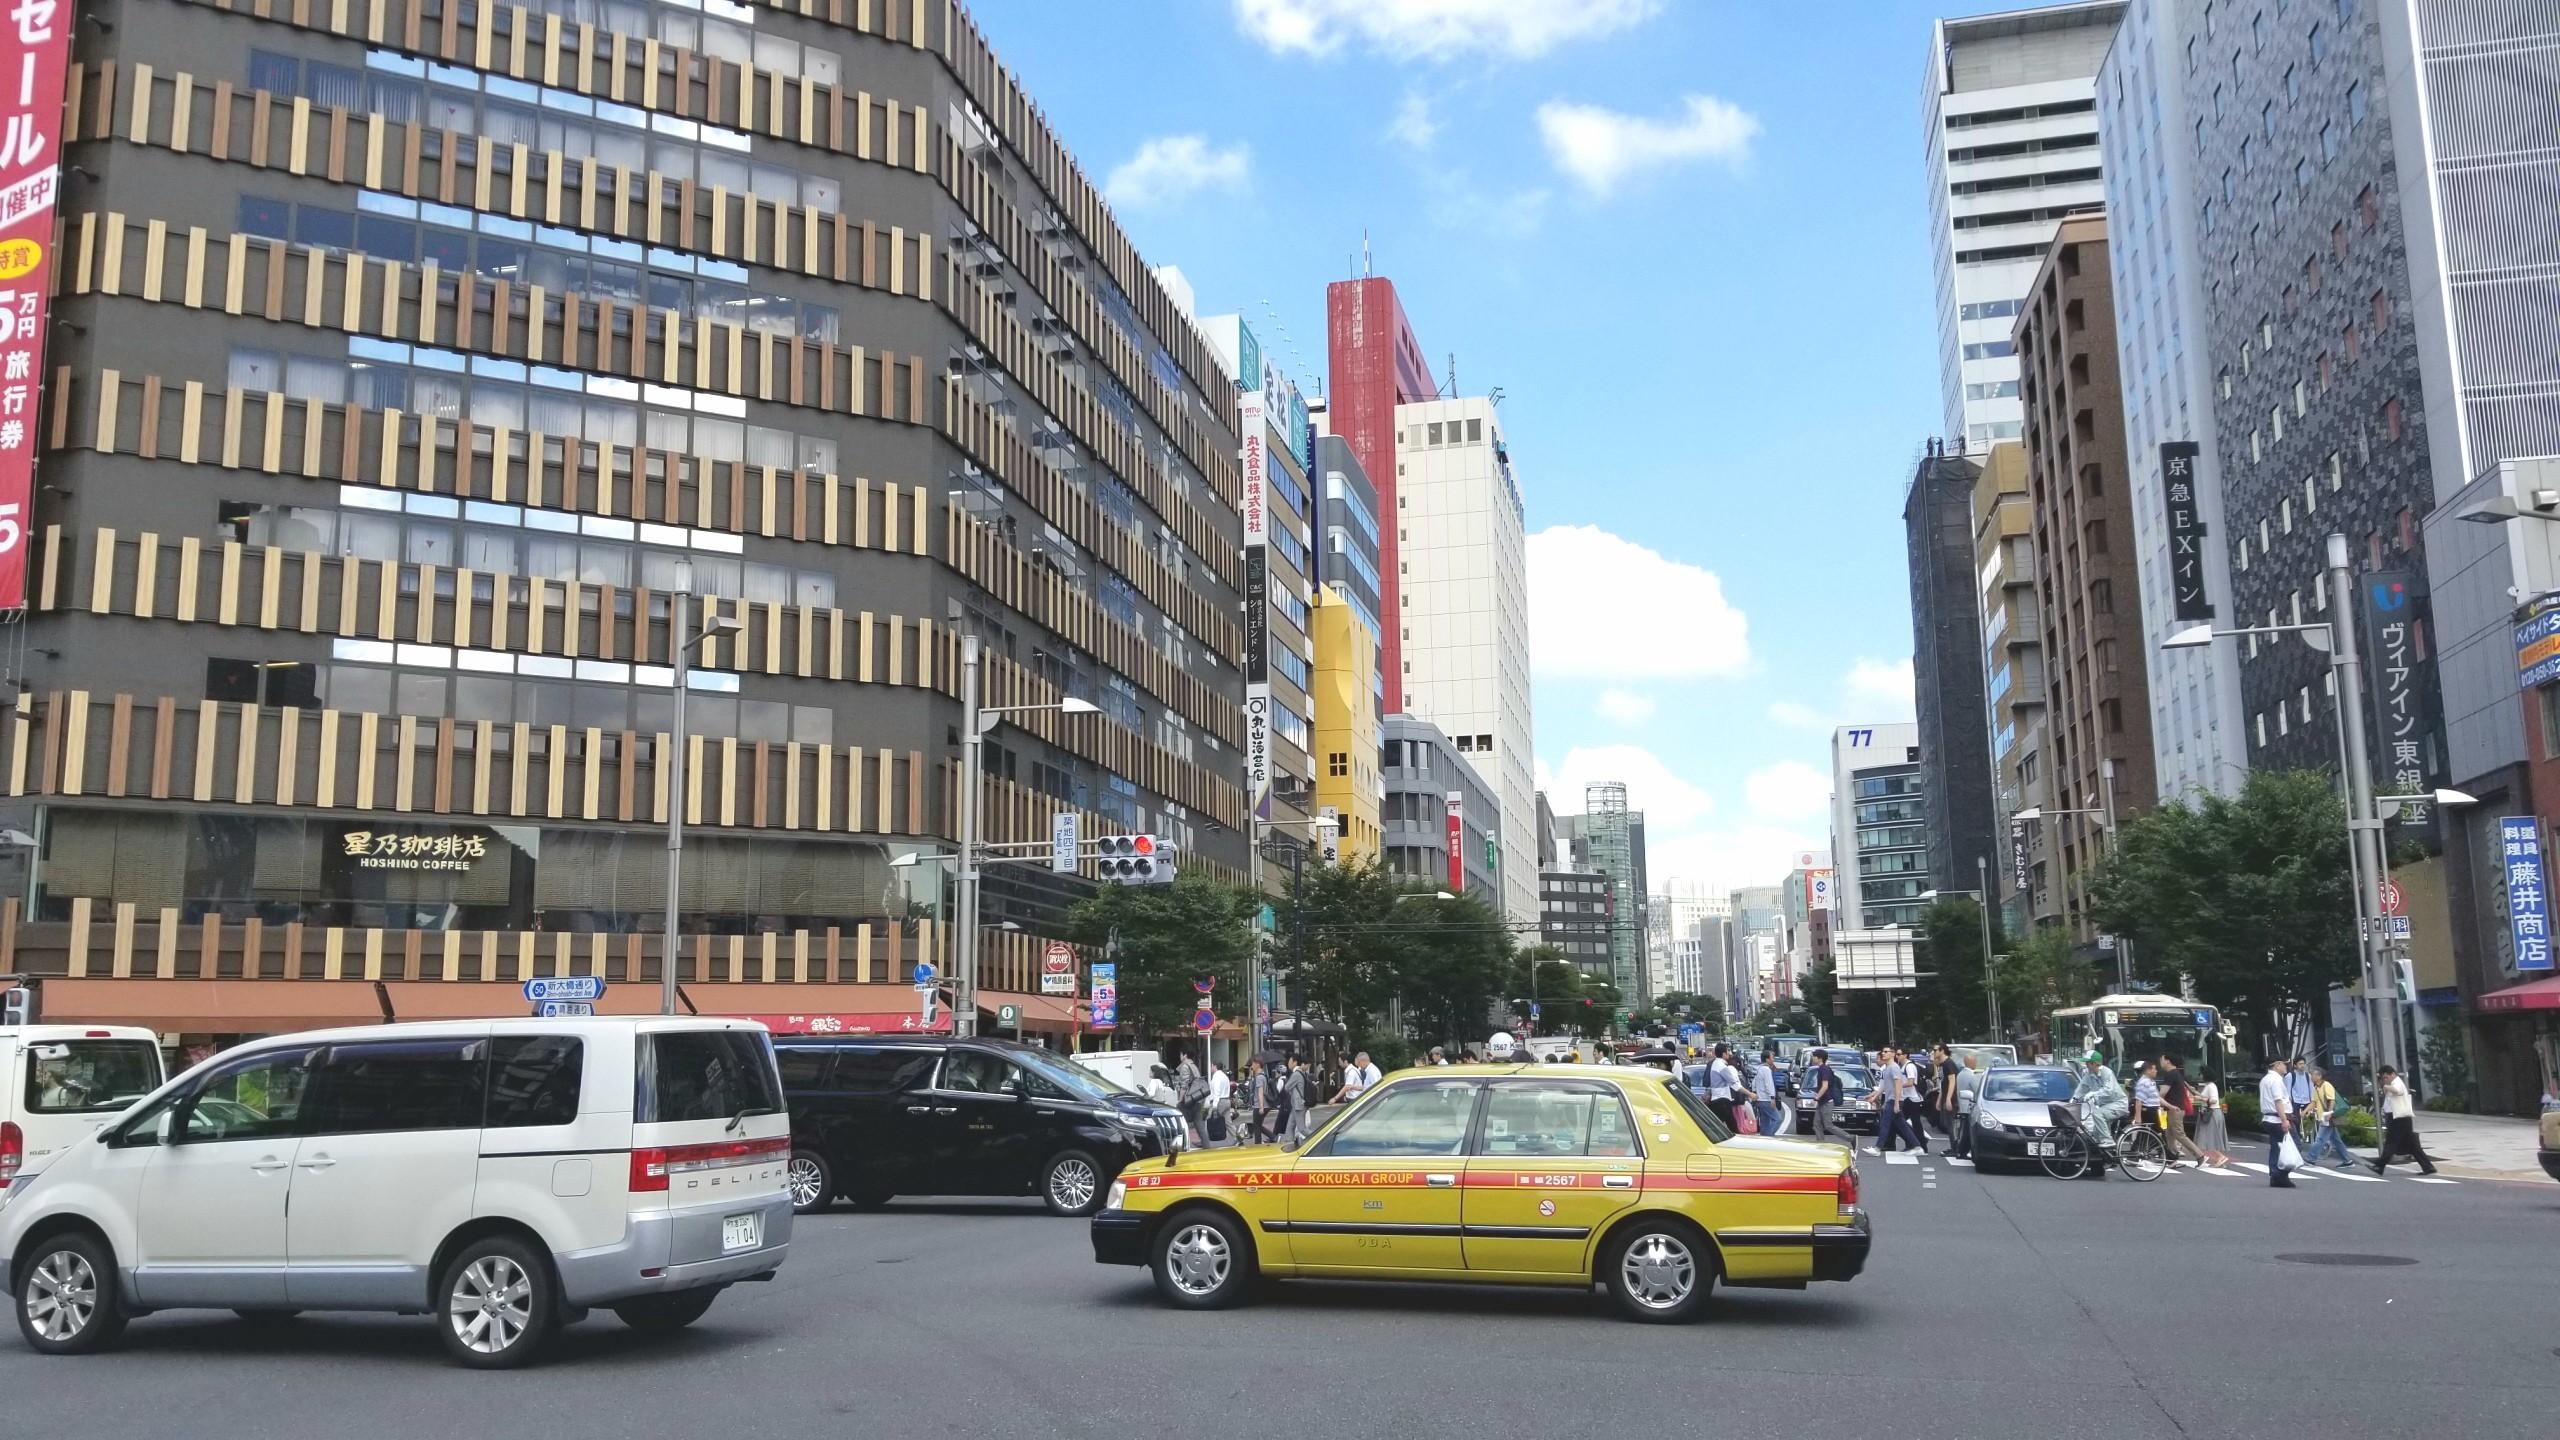 東京都中央区,築地市場,海鮮,新鮮,安い,美味しい魚,旅行,観光,ぶらり